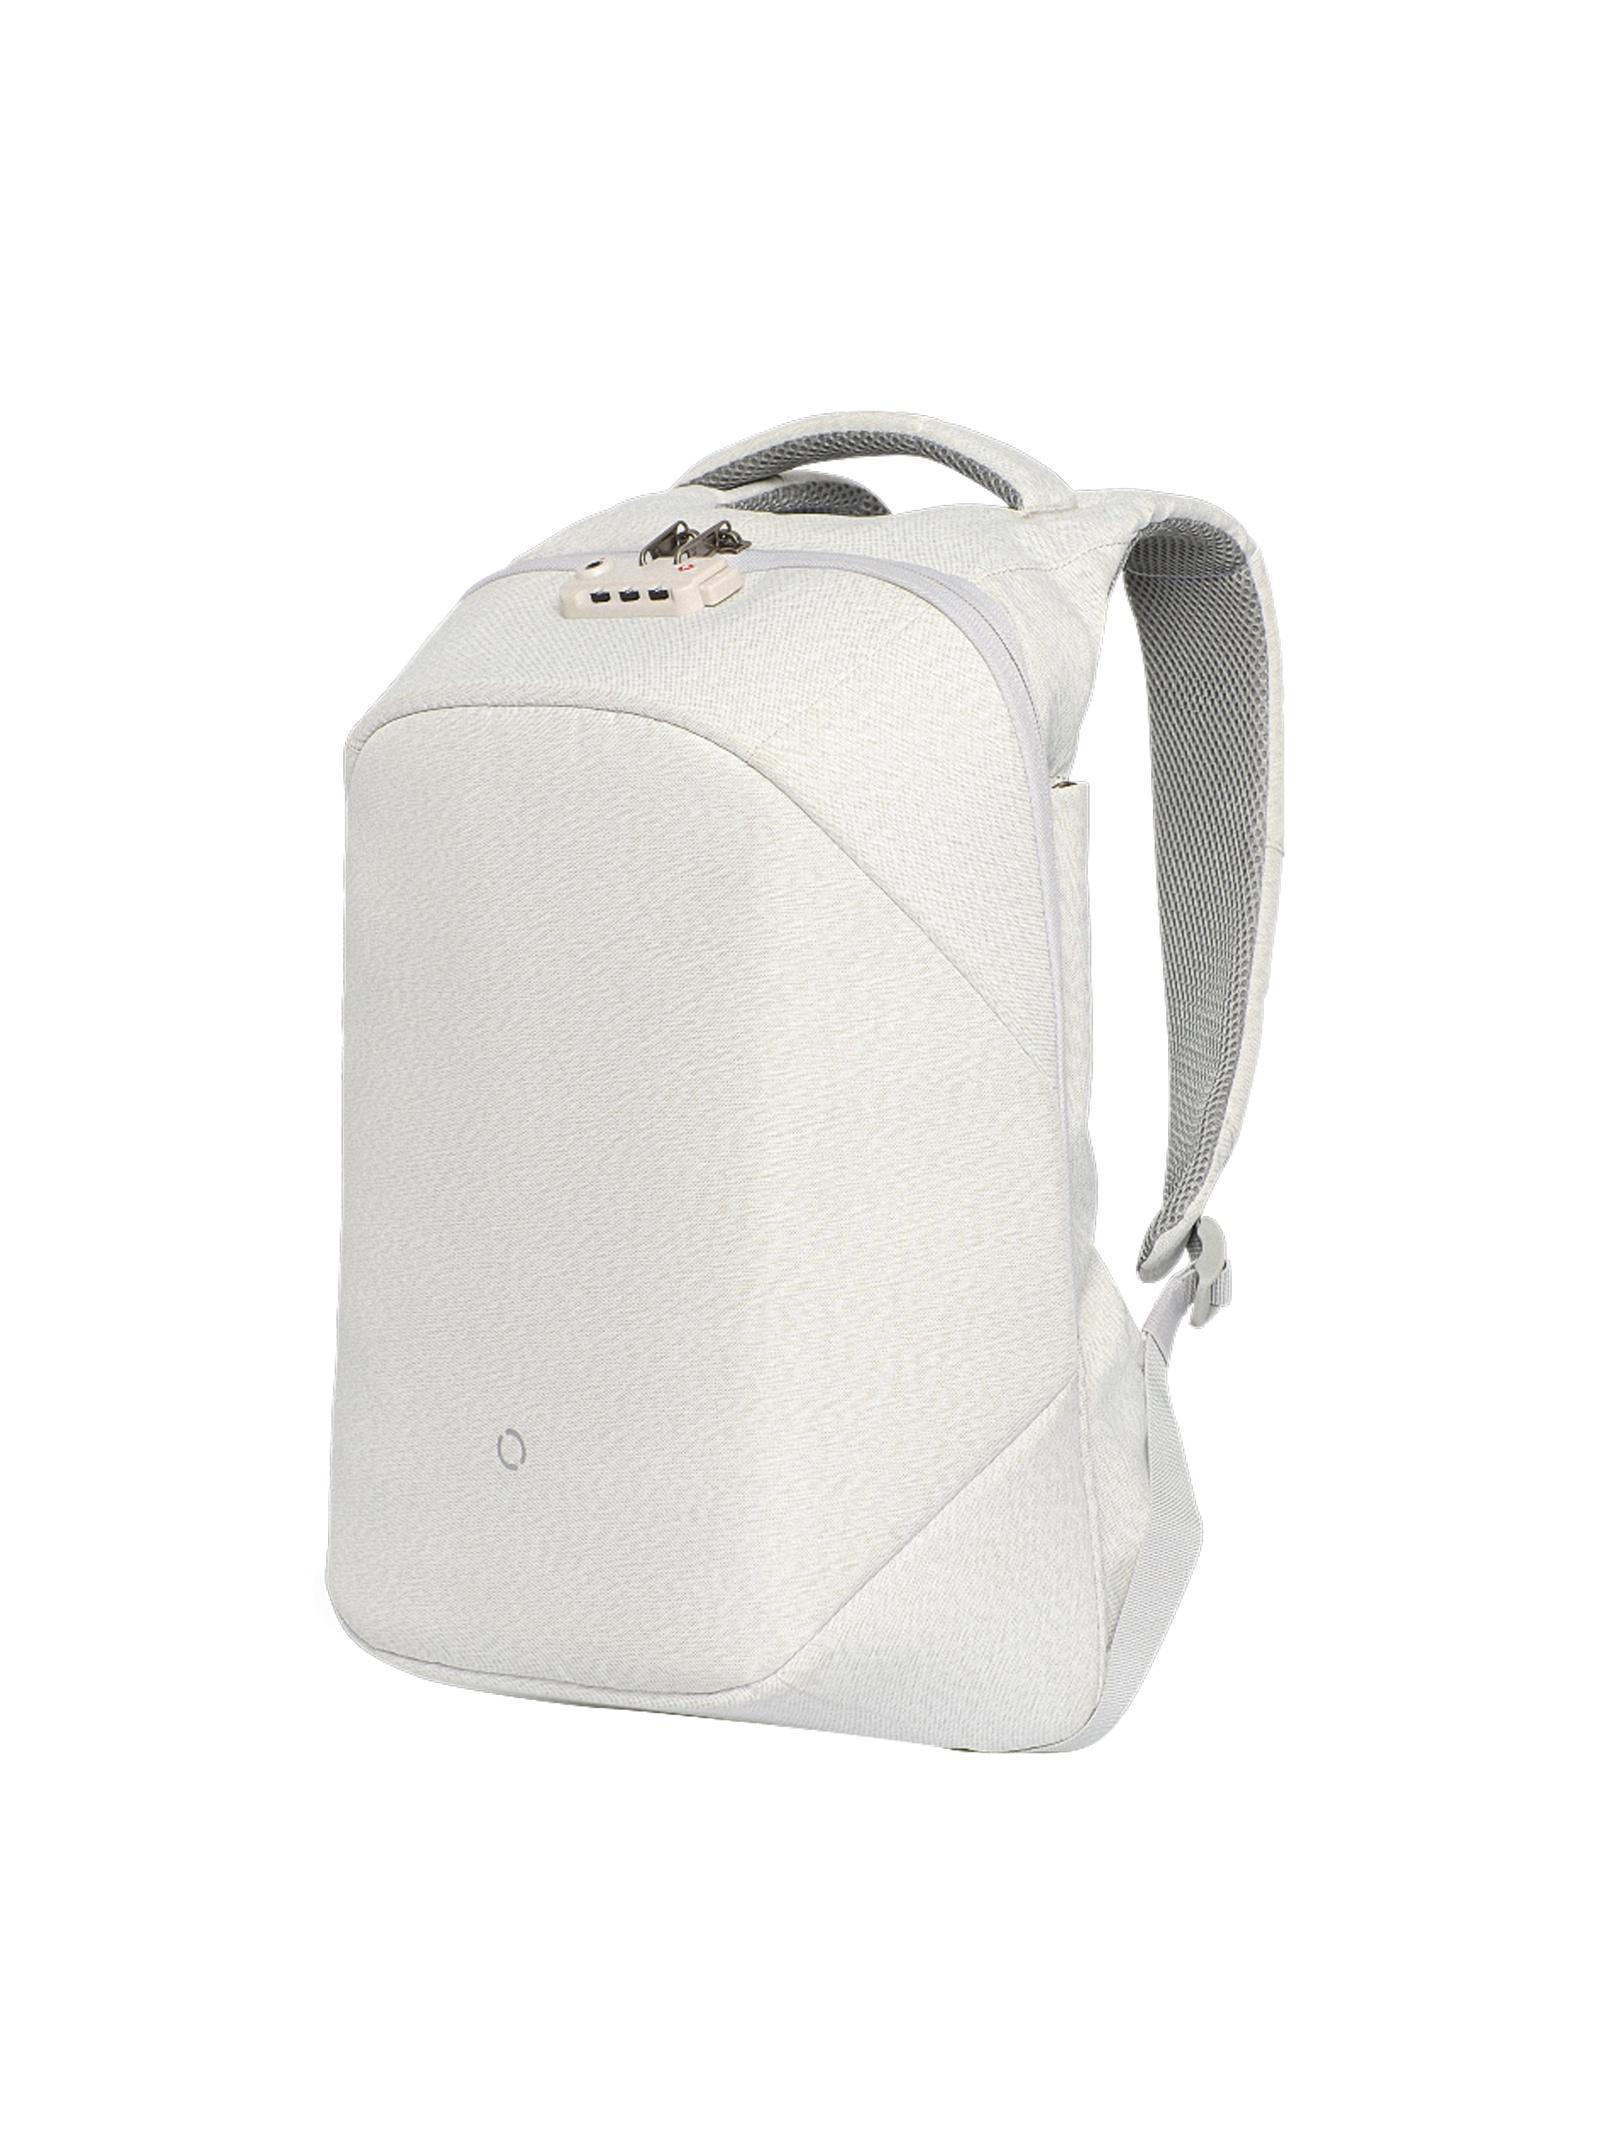 Рюкзак Korin ClickPack JOY, белый рюкзак korin design clickpack gray серый